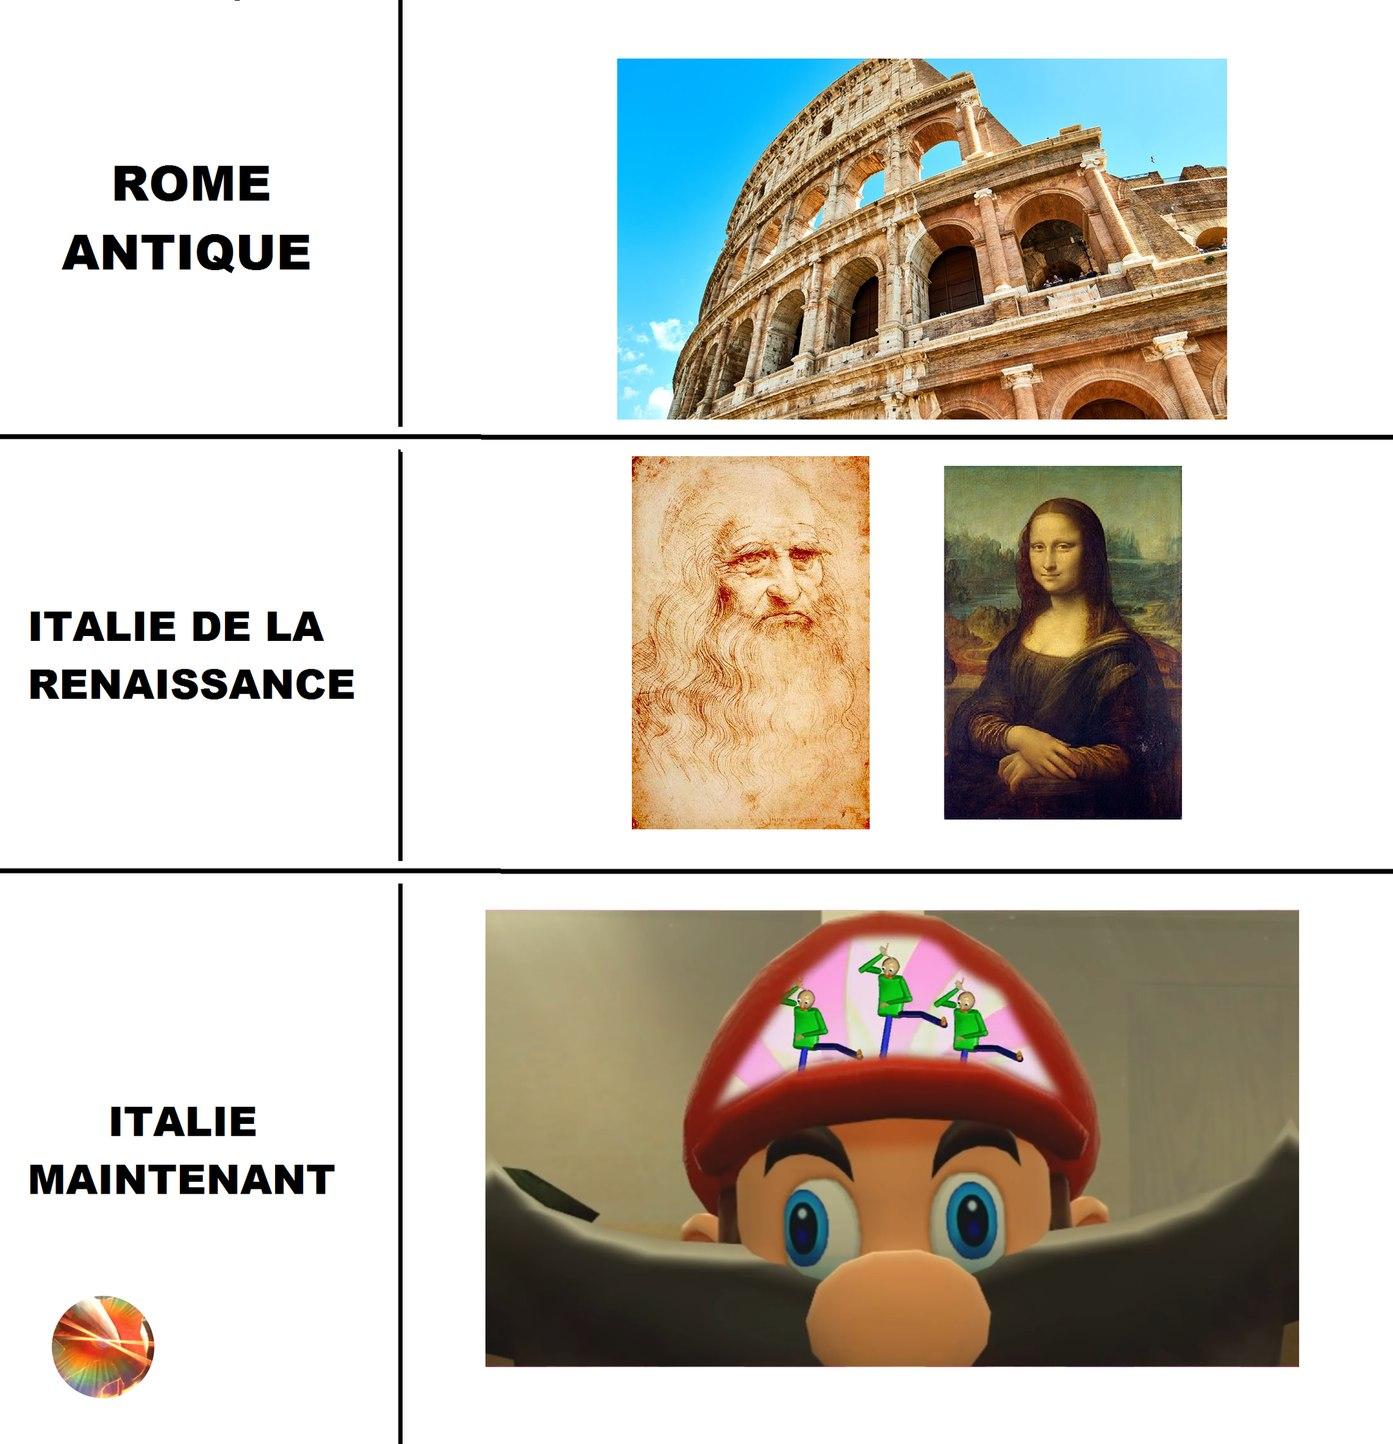 Nous vivons l'époque de la convertion ( histoire -> memes )